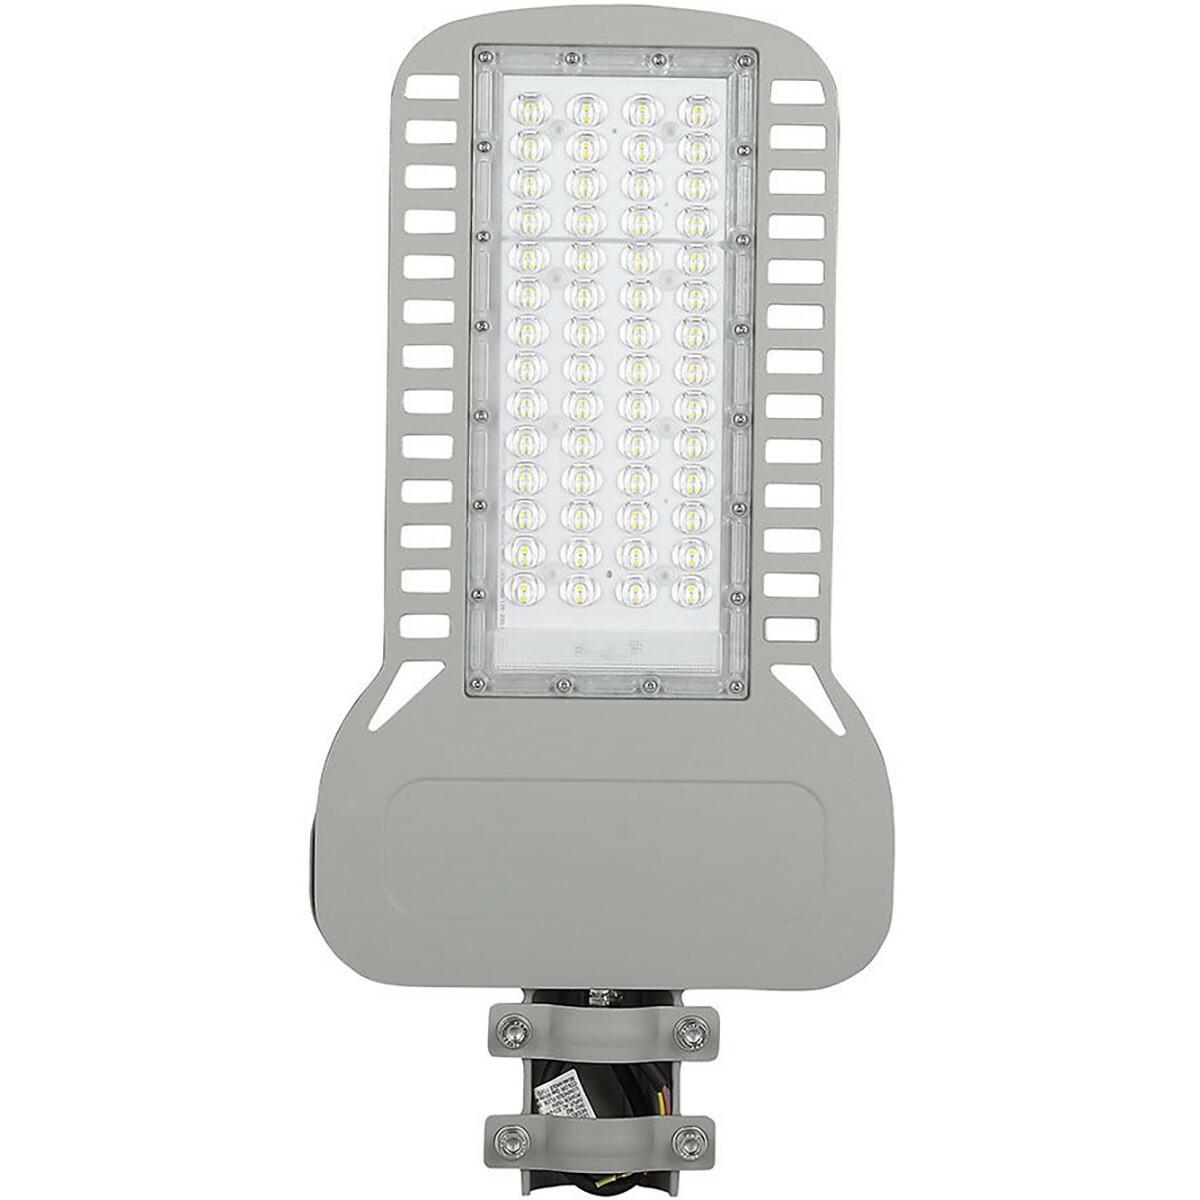 SAMSUNG - LED Straatlamp Slim - Viron Unato - 150W - Helder/Koud Wit 6400K - Waterdicht IP65 - Mat G